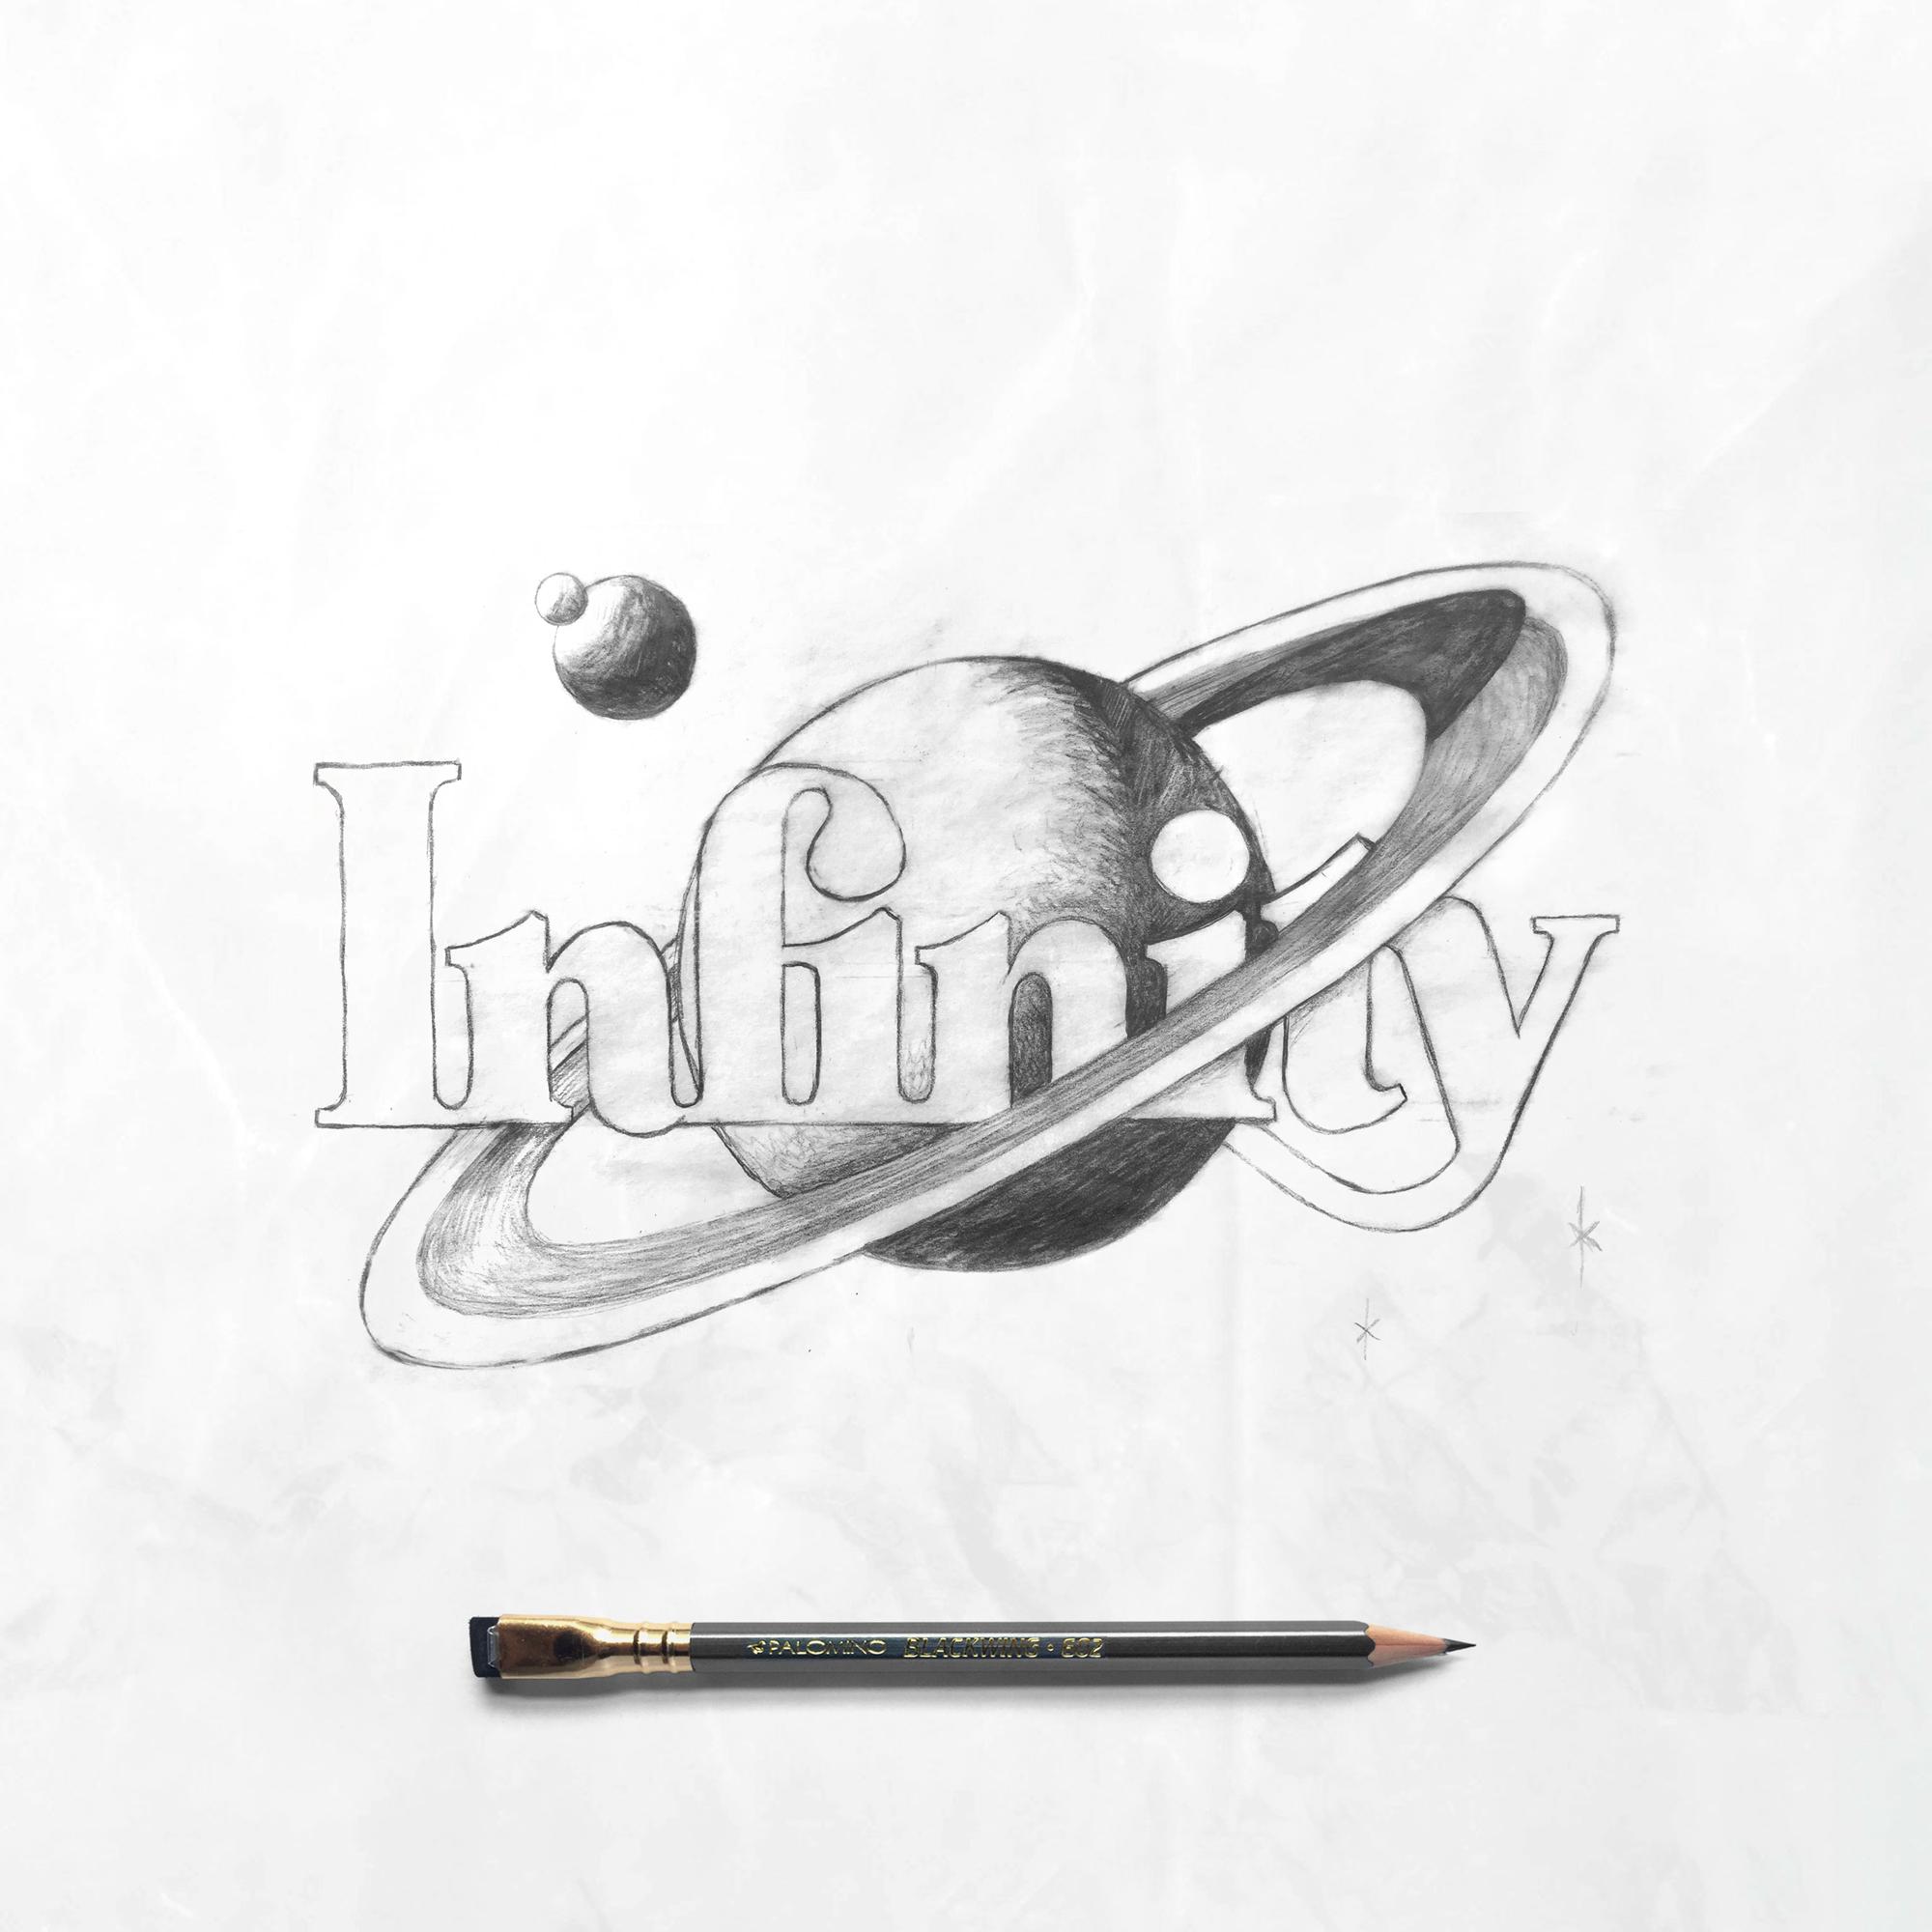 infinty-sketch-blackwing.jpg